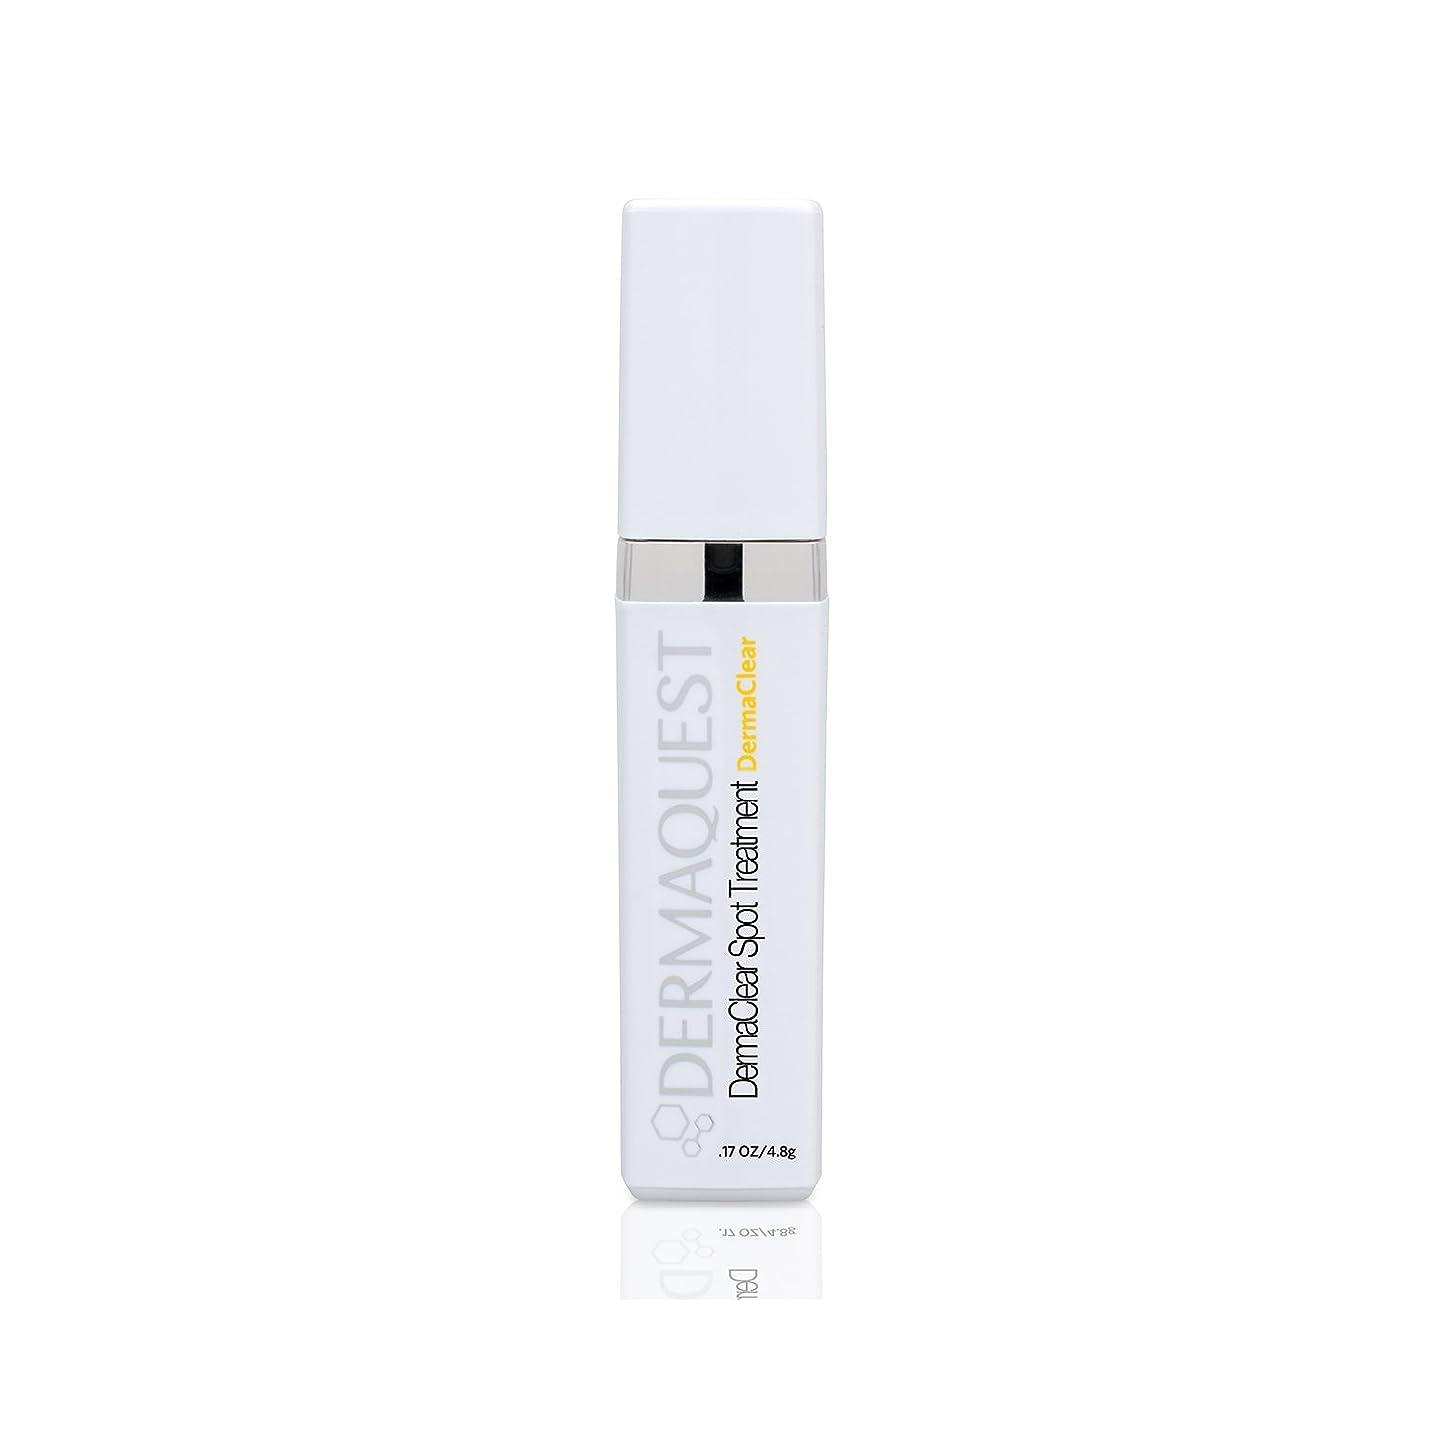 パイプライン涙シェトランド諸島DermaQuest Sensitized Retinaldehyde Renewal Cream 29.6ml/1oz並行輸入品